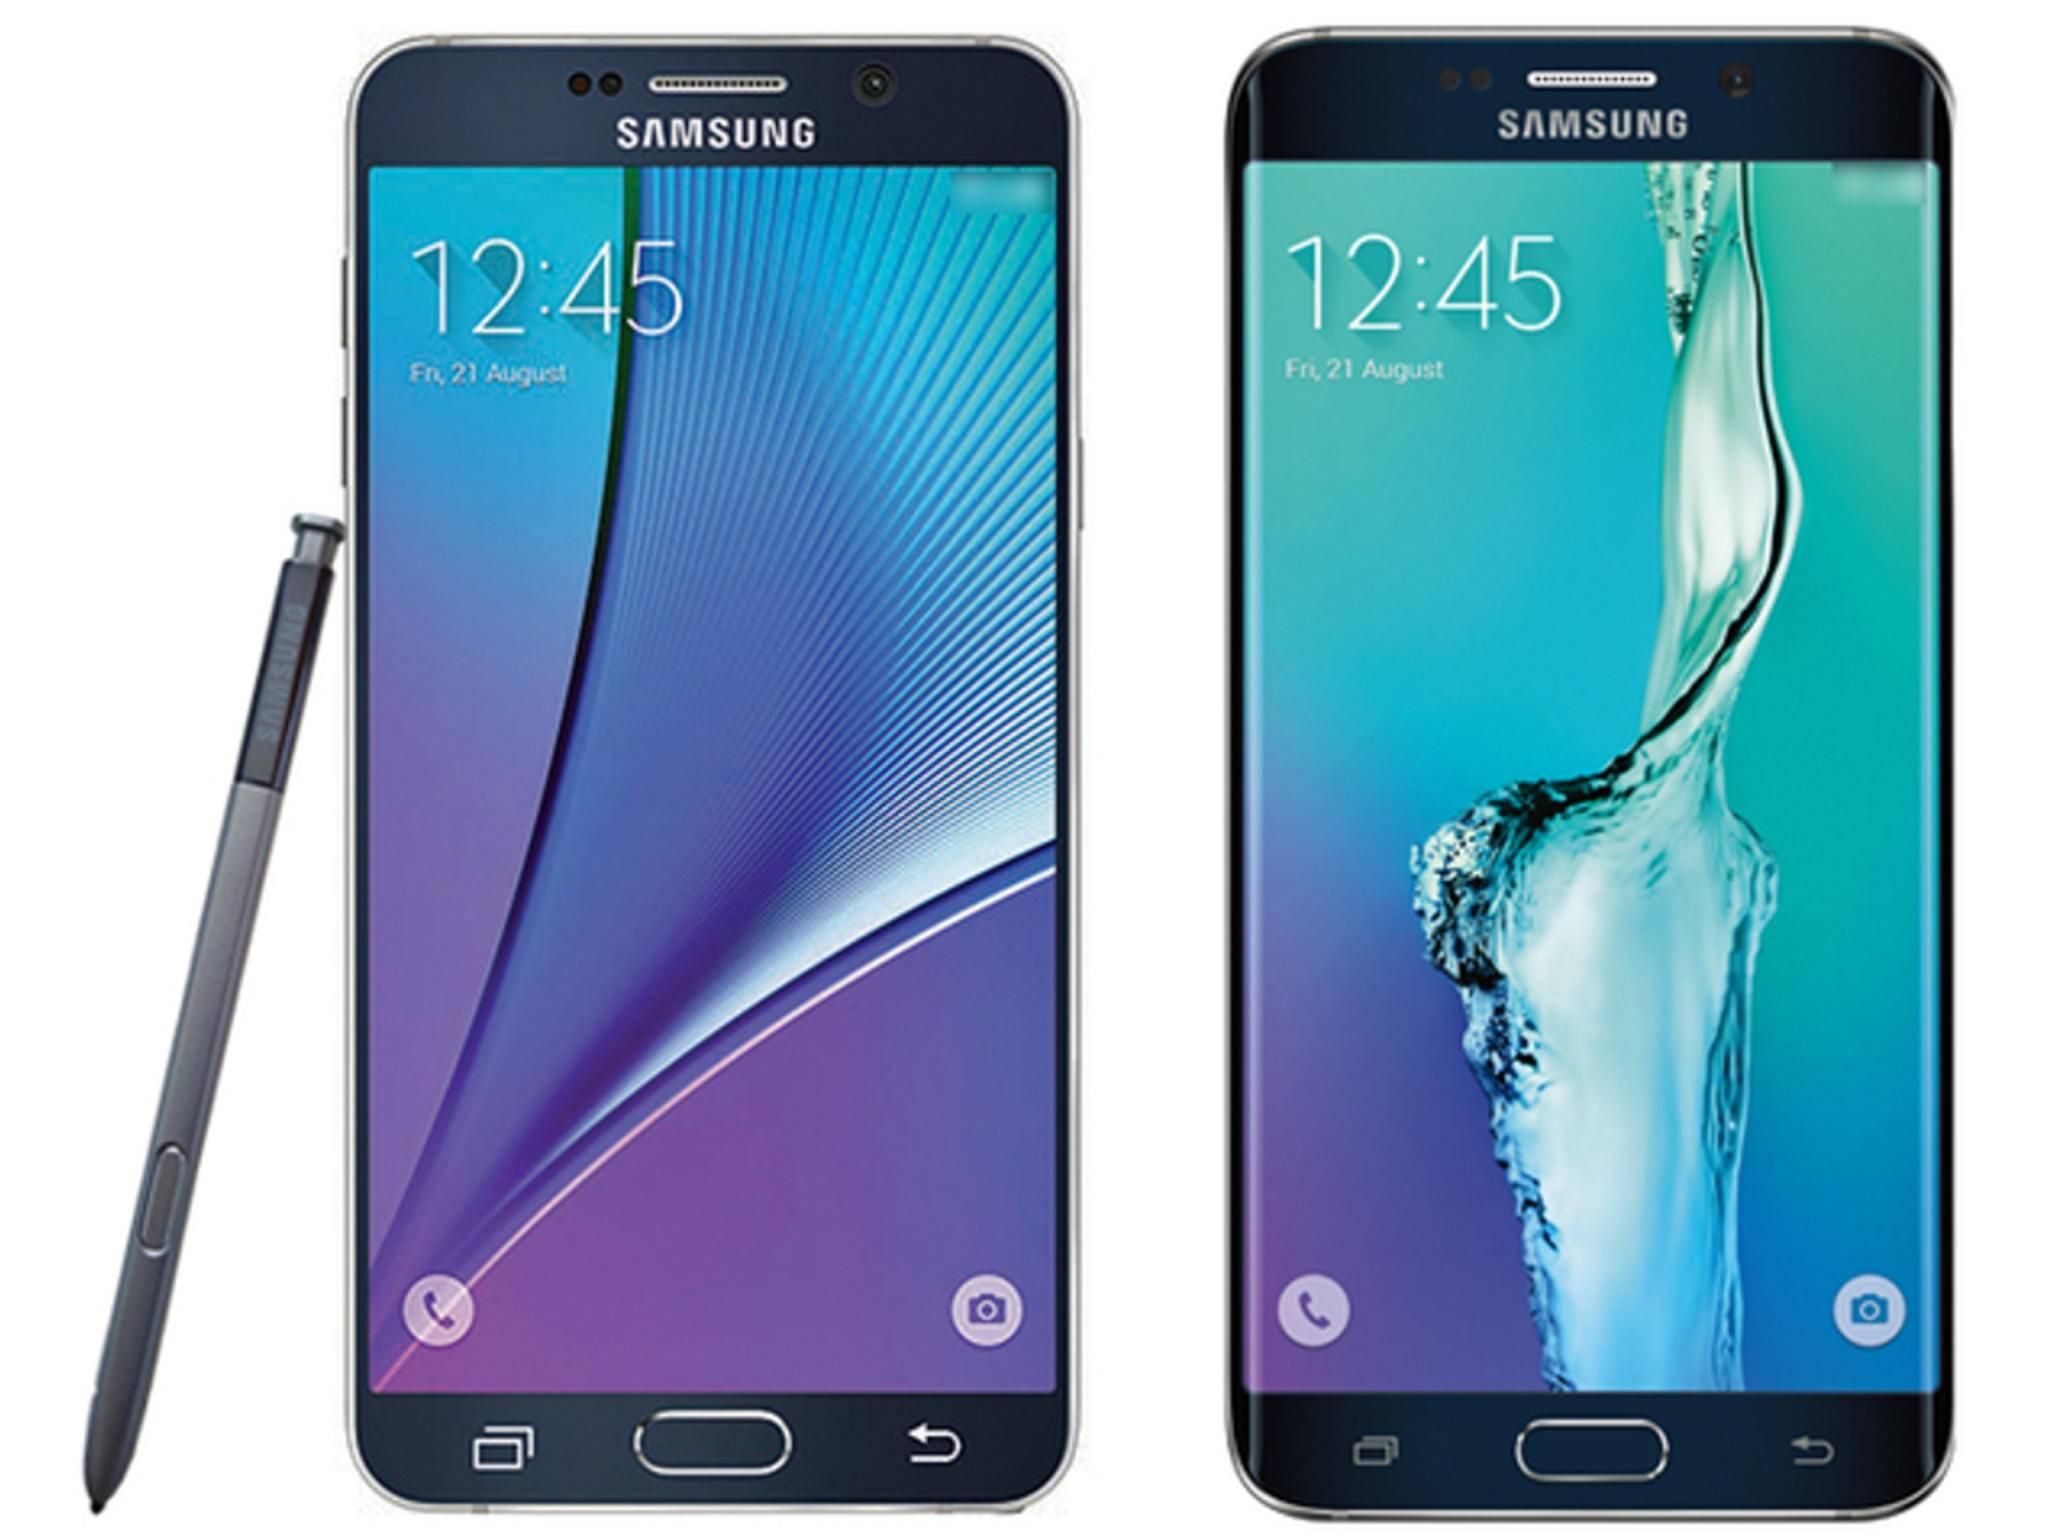 Pressebilder des Galaxy Note 5 und Galaxy S6 Edge+.